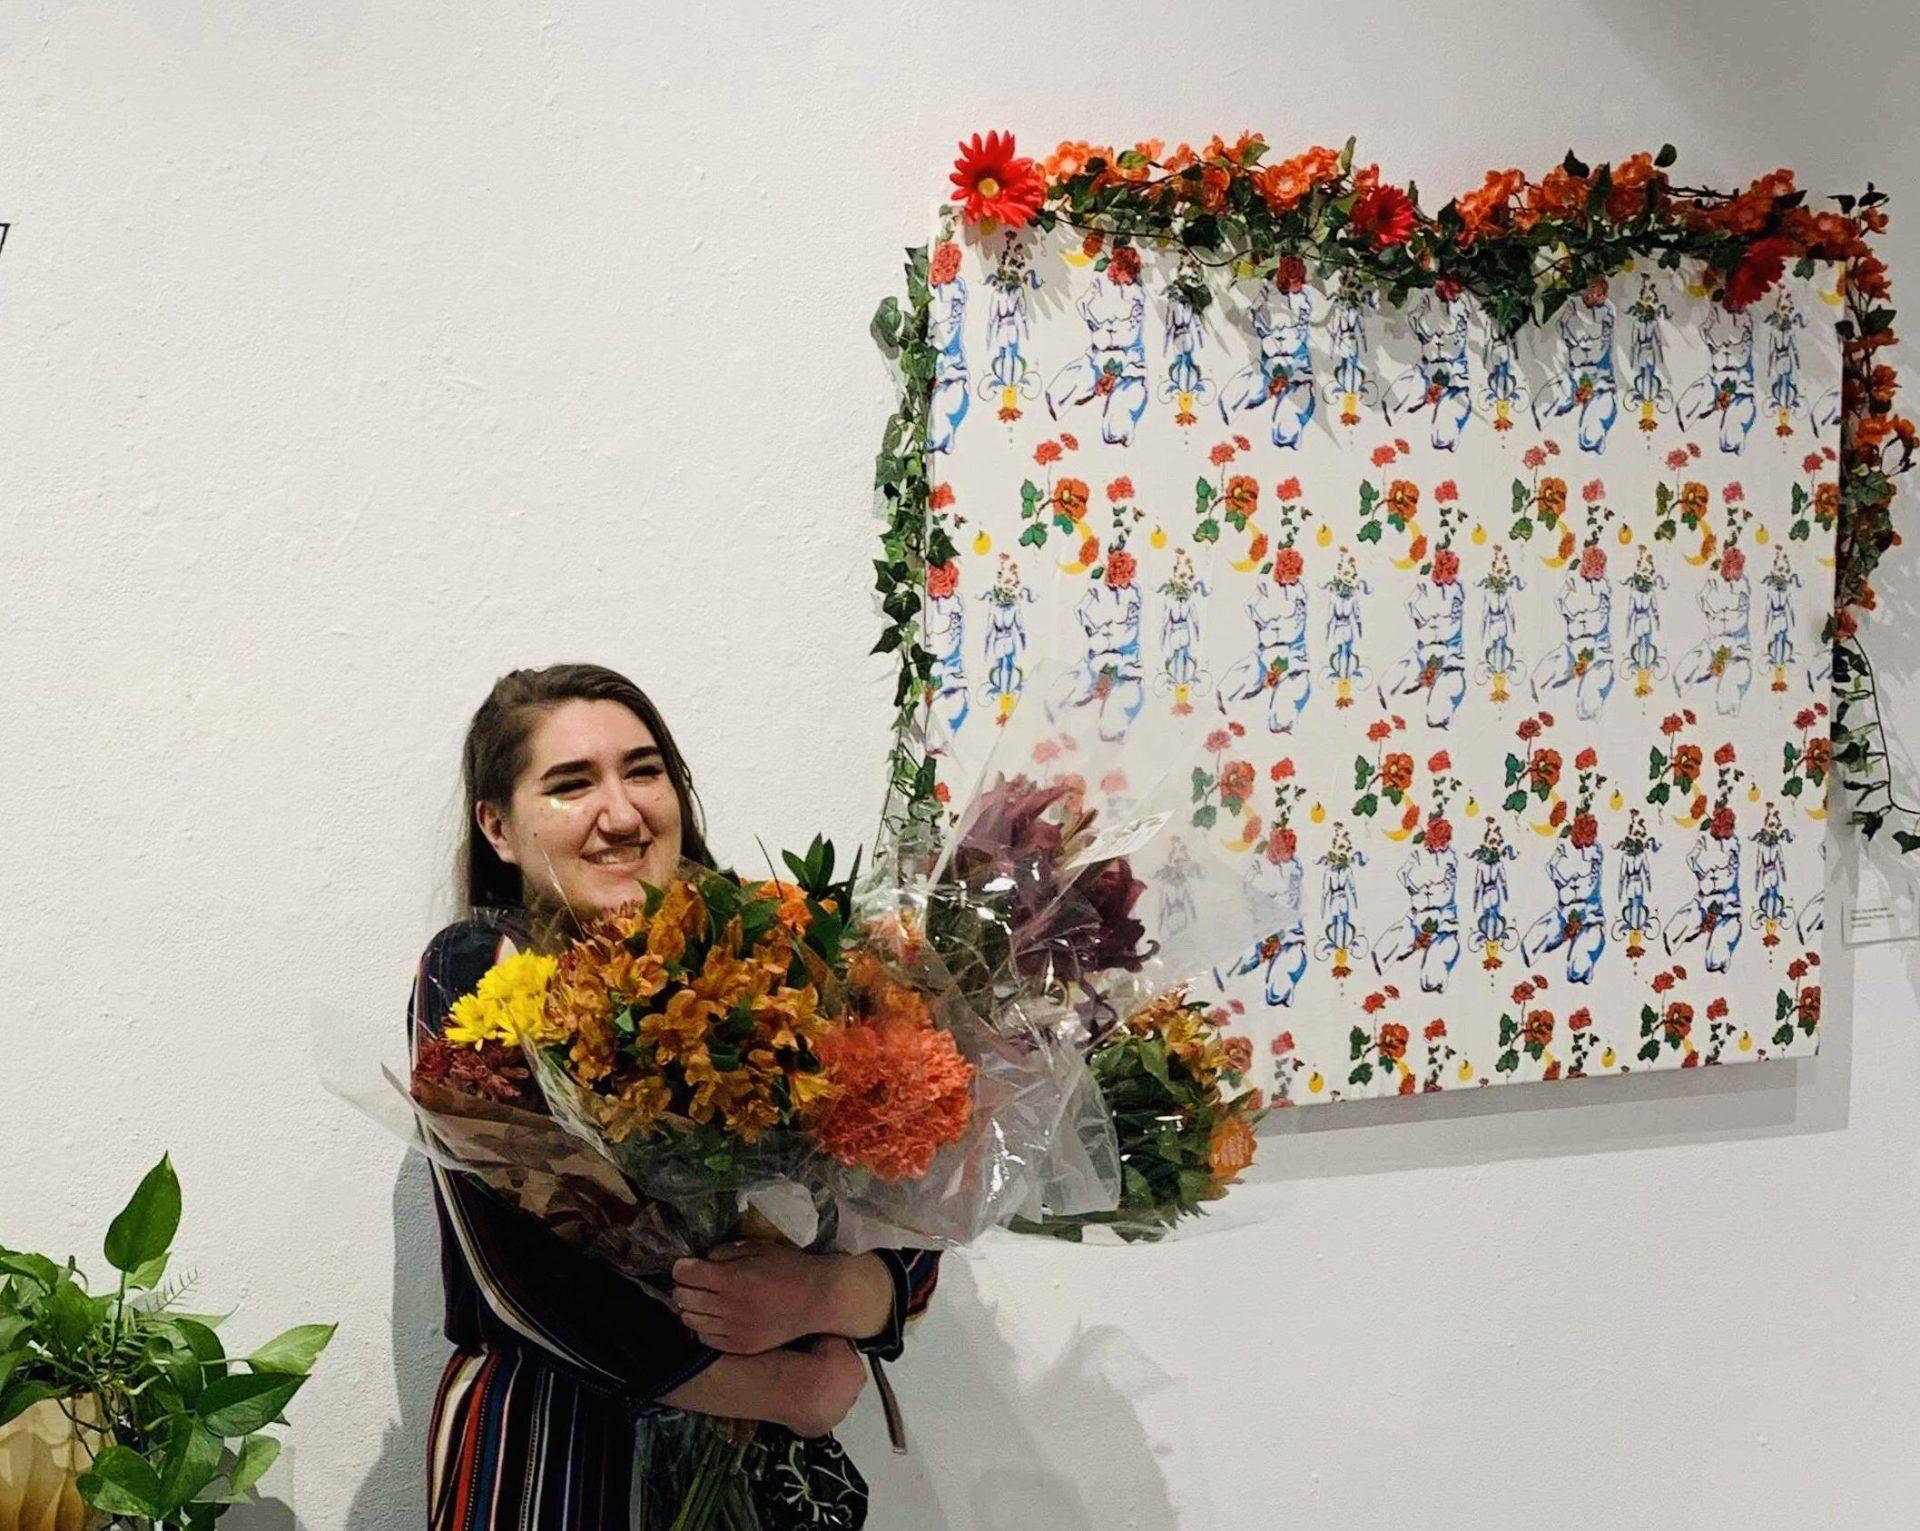 Leann Carlson at an artist's exhibition